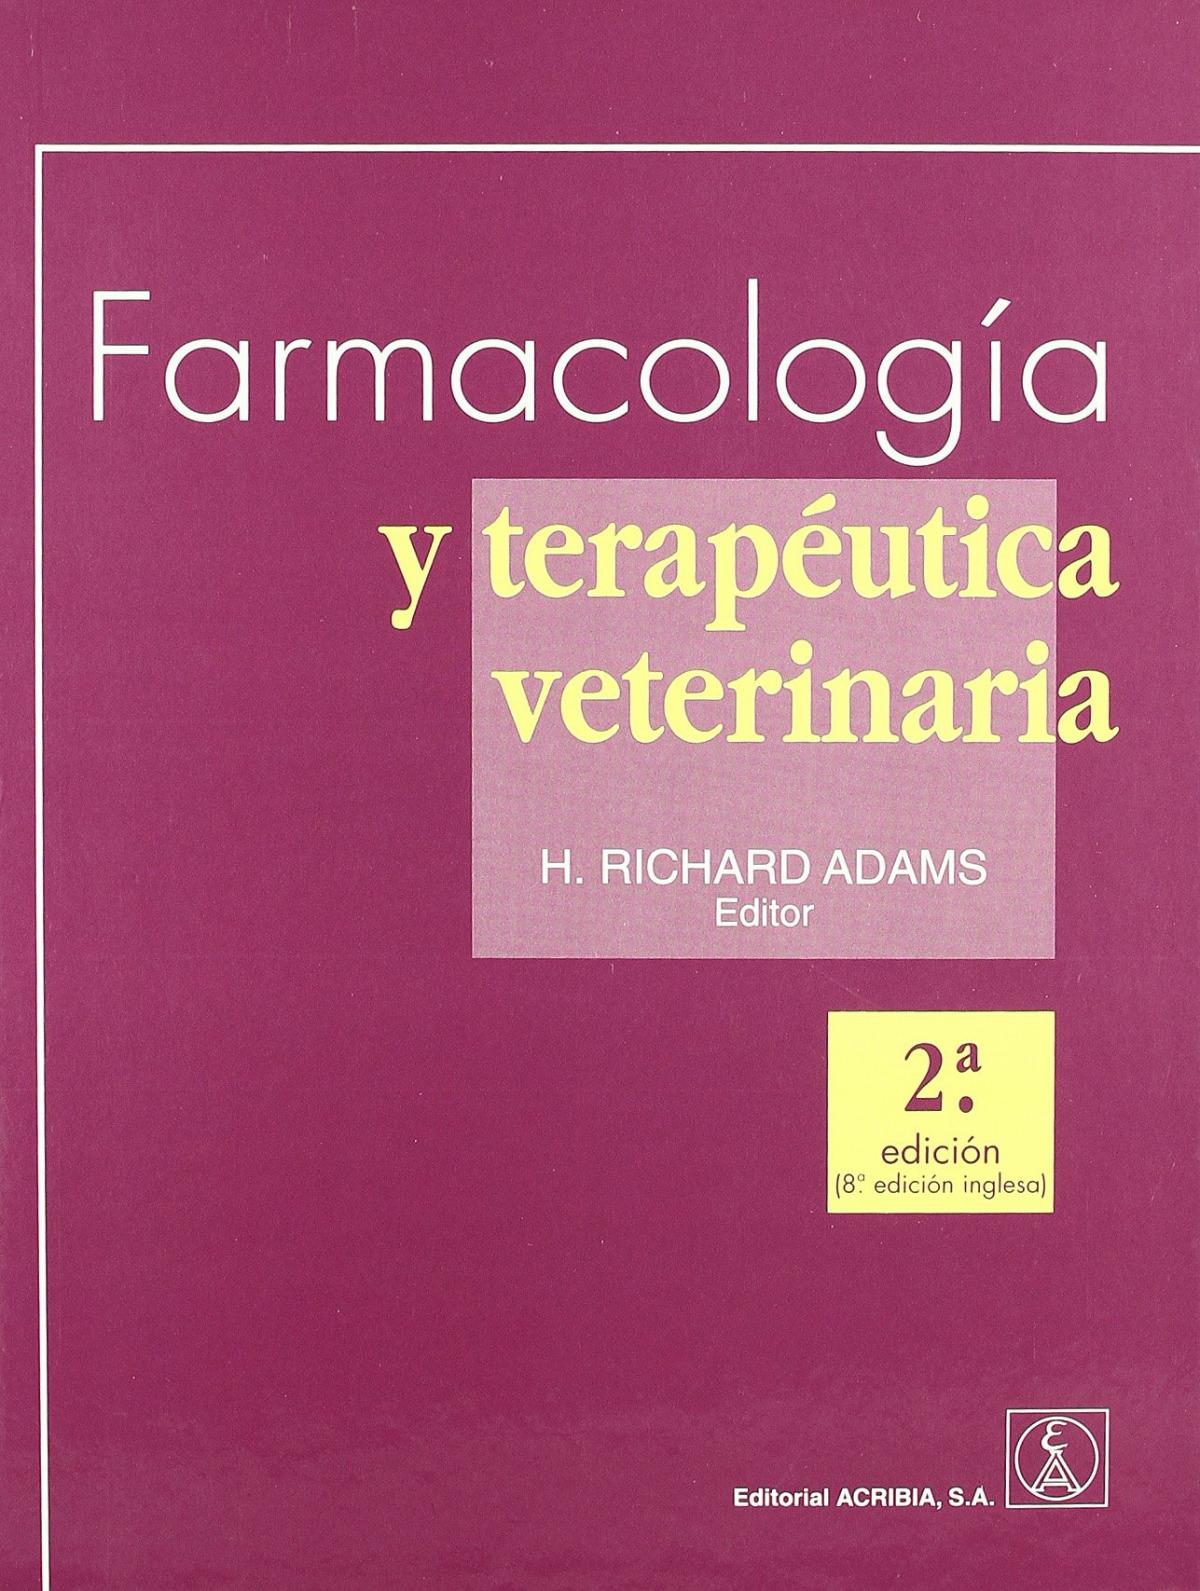 FARMACOLOGÍA/TERAPÉUTICA VETERINARIA